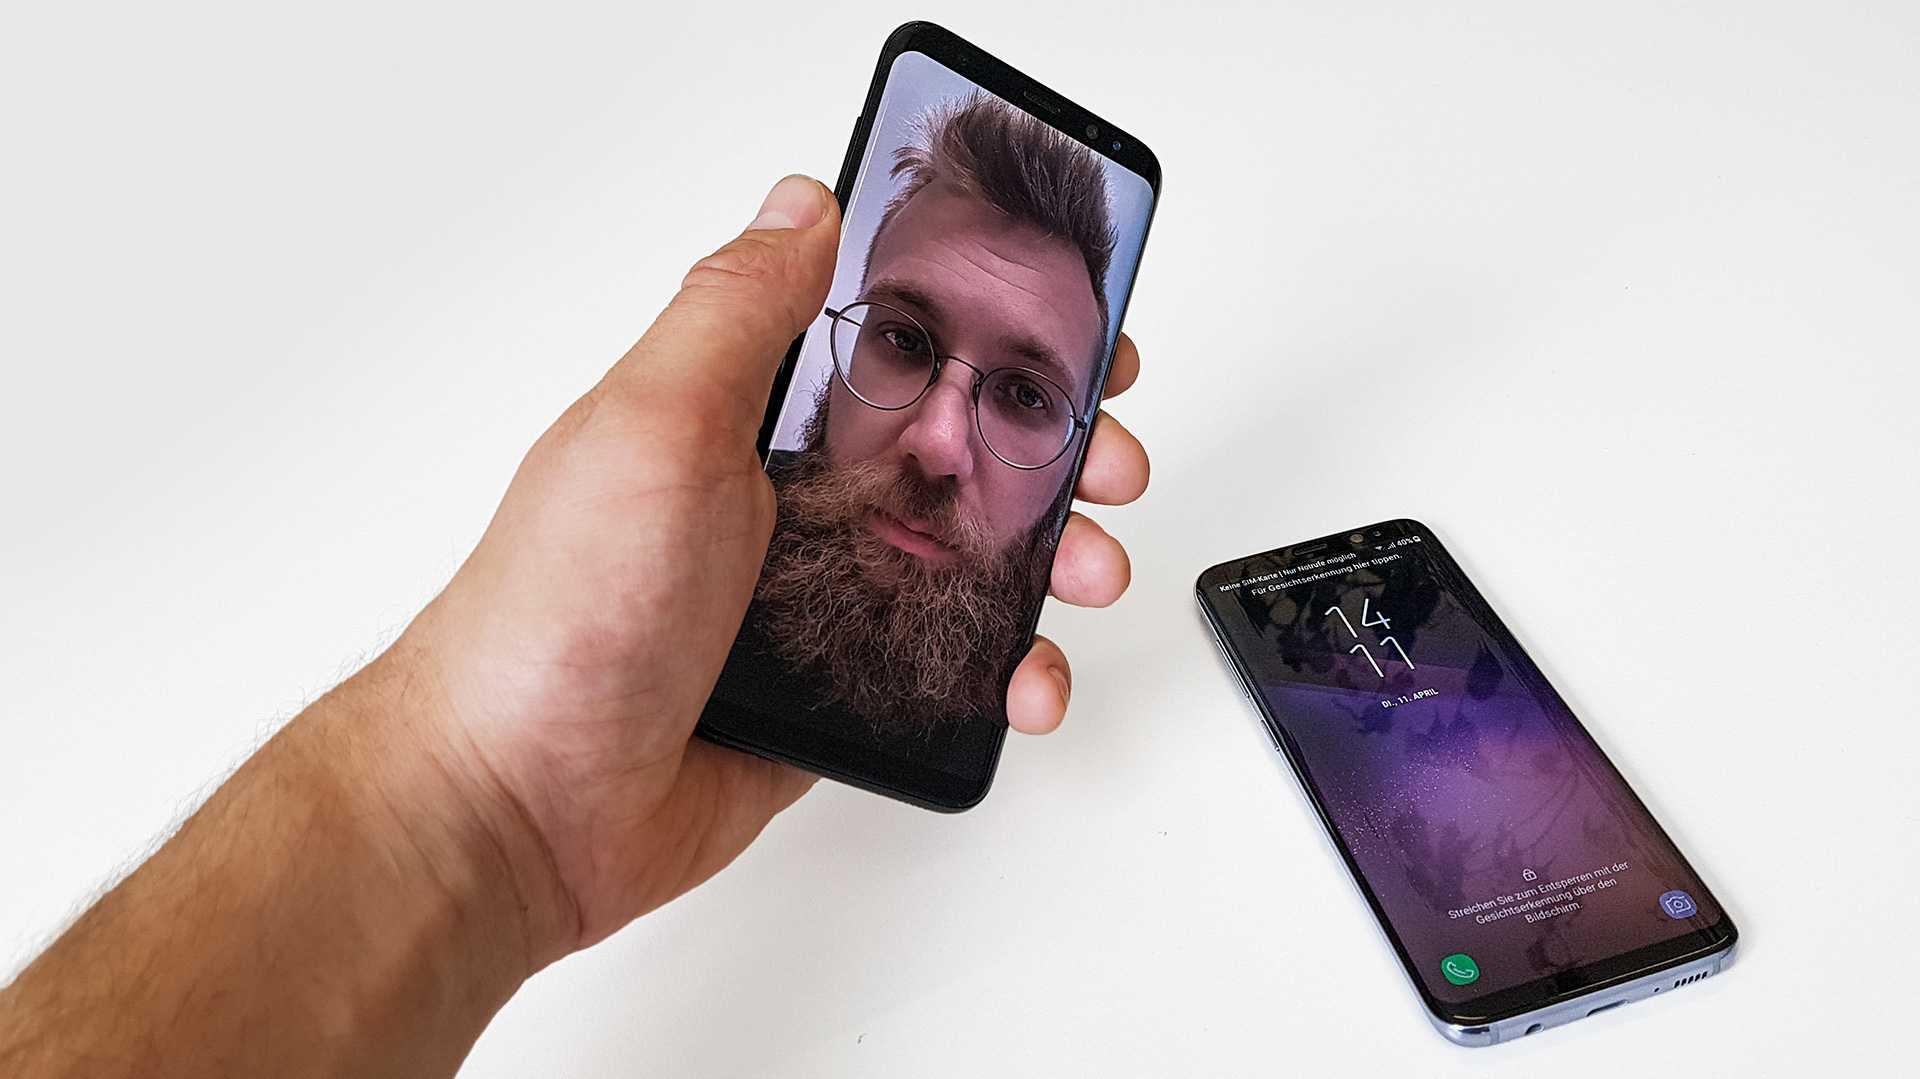 Samsung Galaxy S8 angetestet: Neues Face-Unlock lässt sich mit Foto überlisten